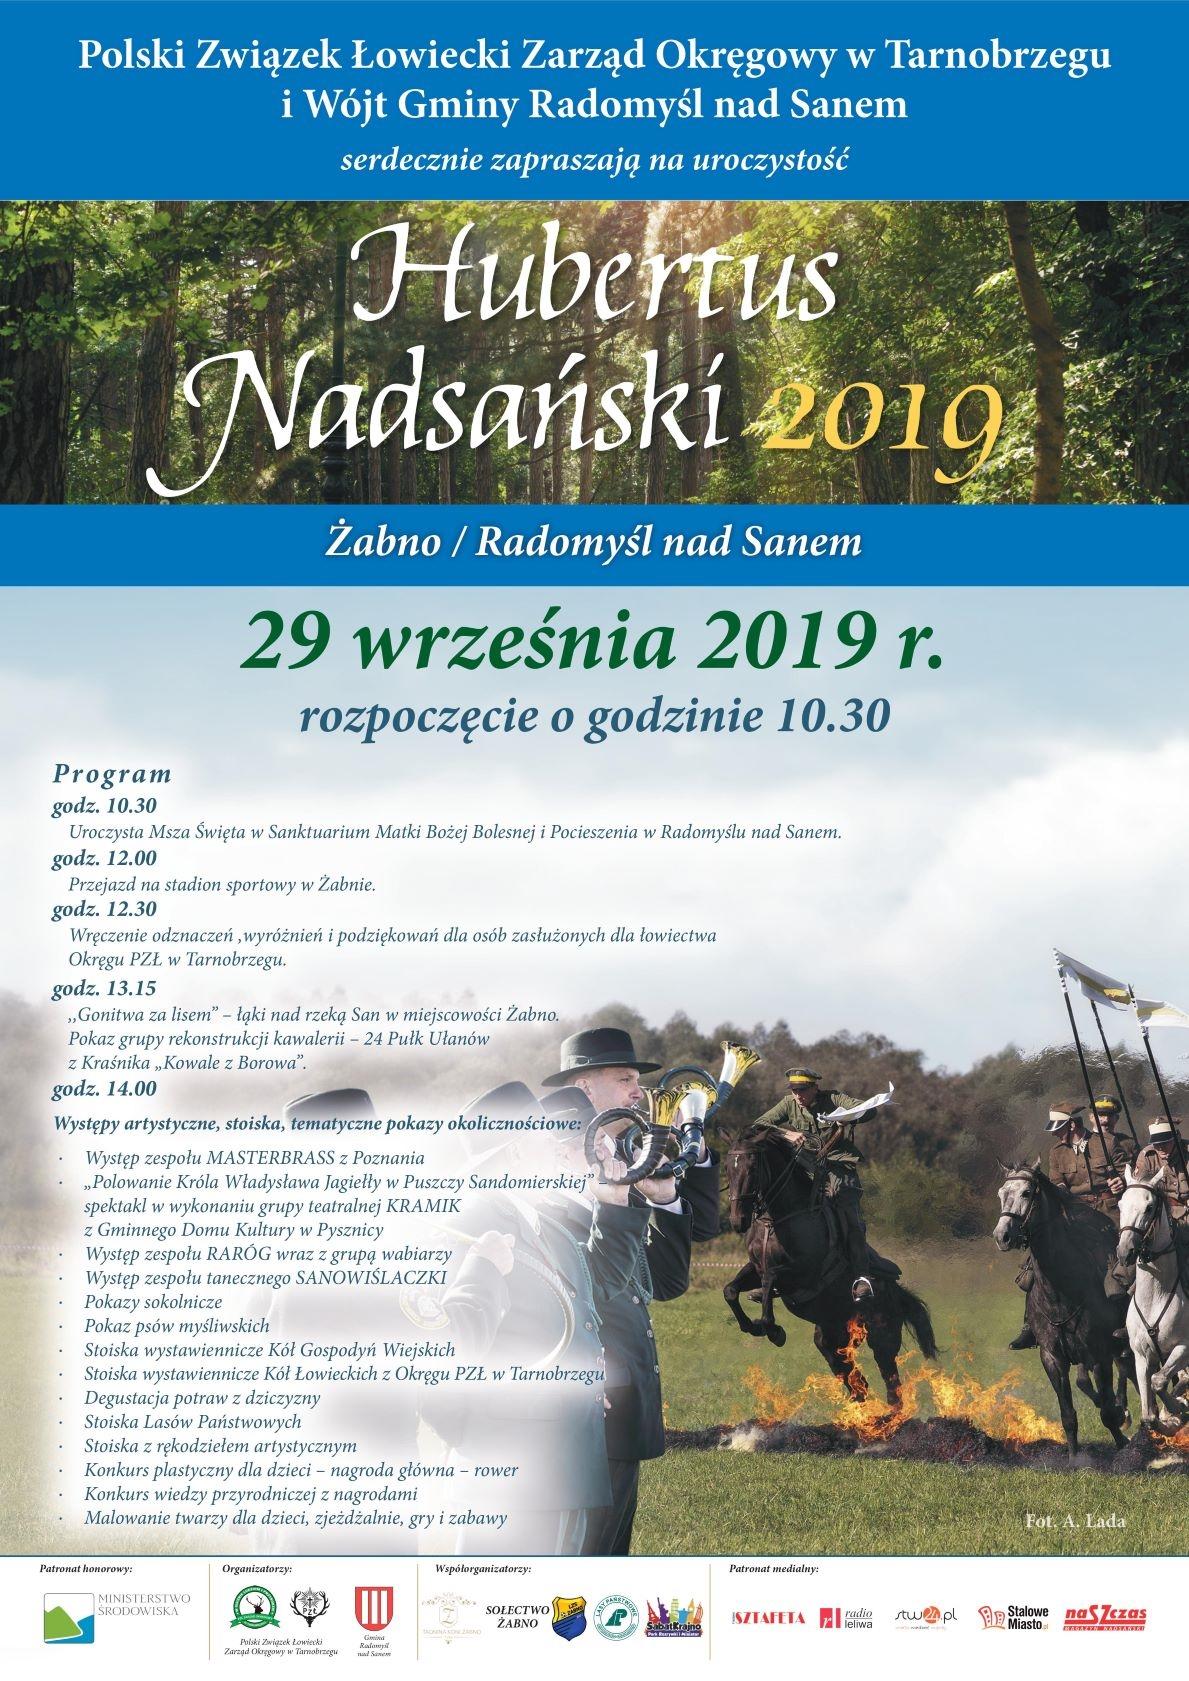 Okręgowy Hubertus Nadsański 29.09.2019 r.